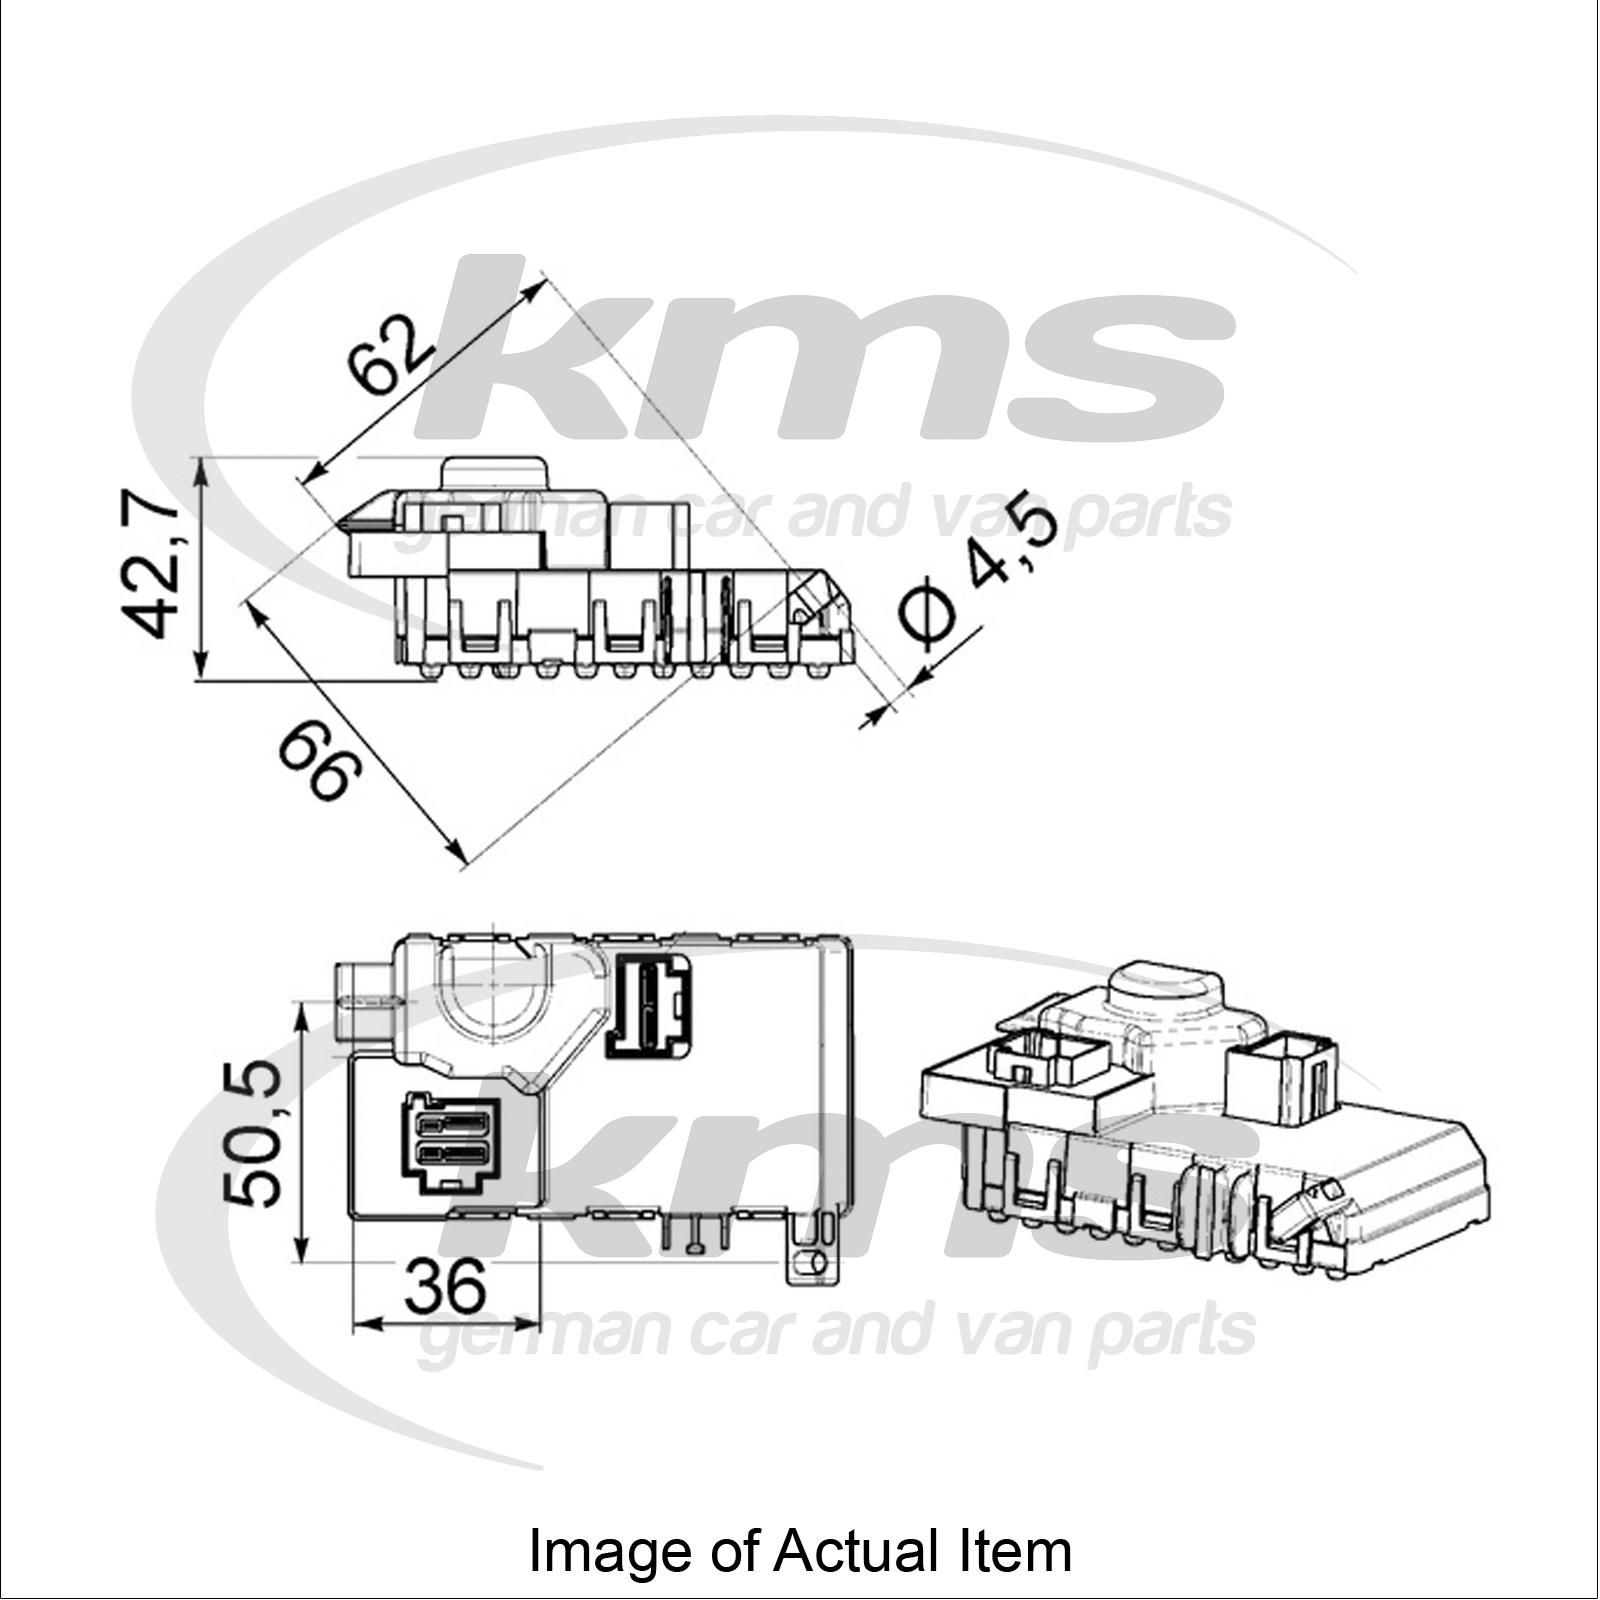 Mazda 3 Service Manual: Fuel Injector RemovalInstallation Mzr 2.0, Mzr 2.5